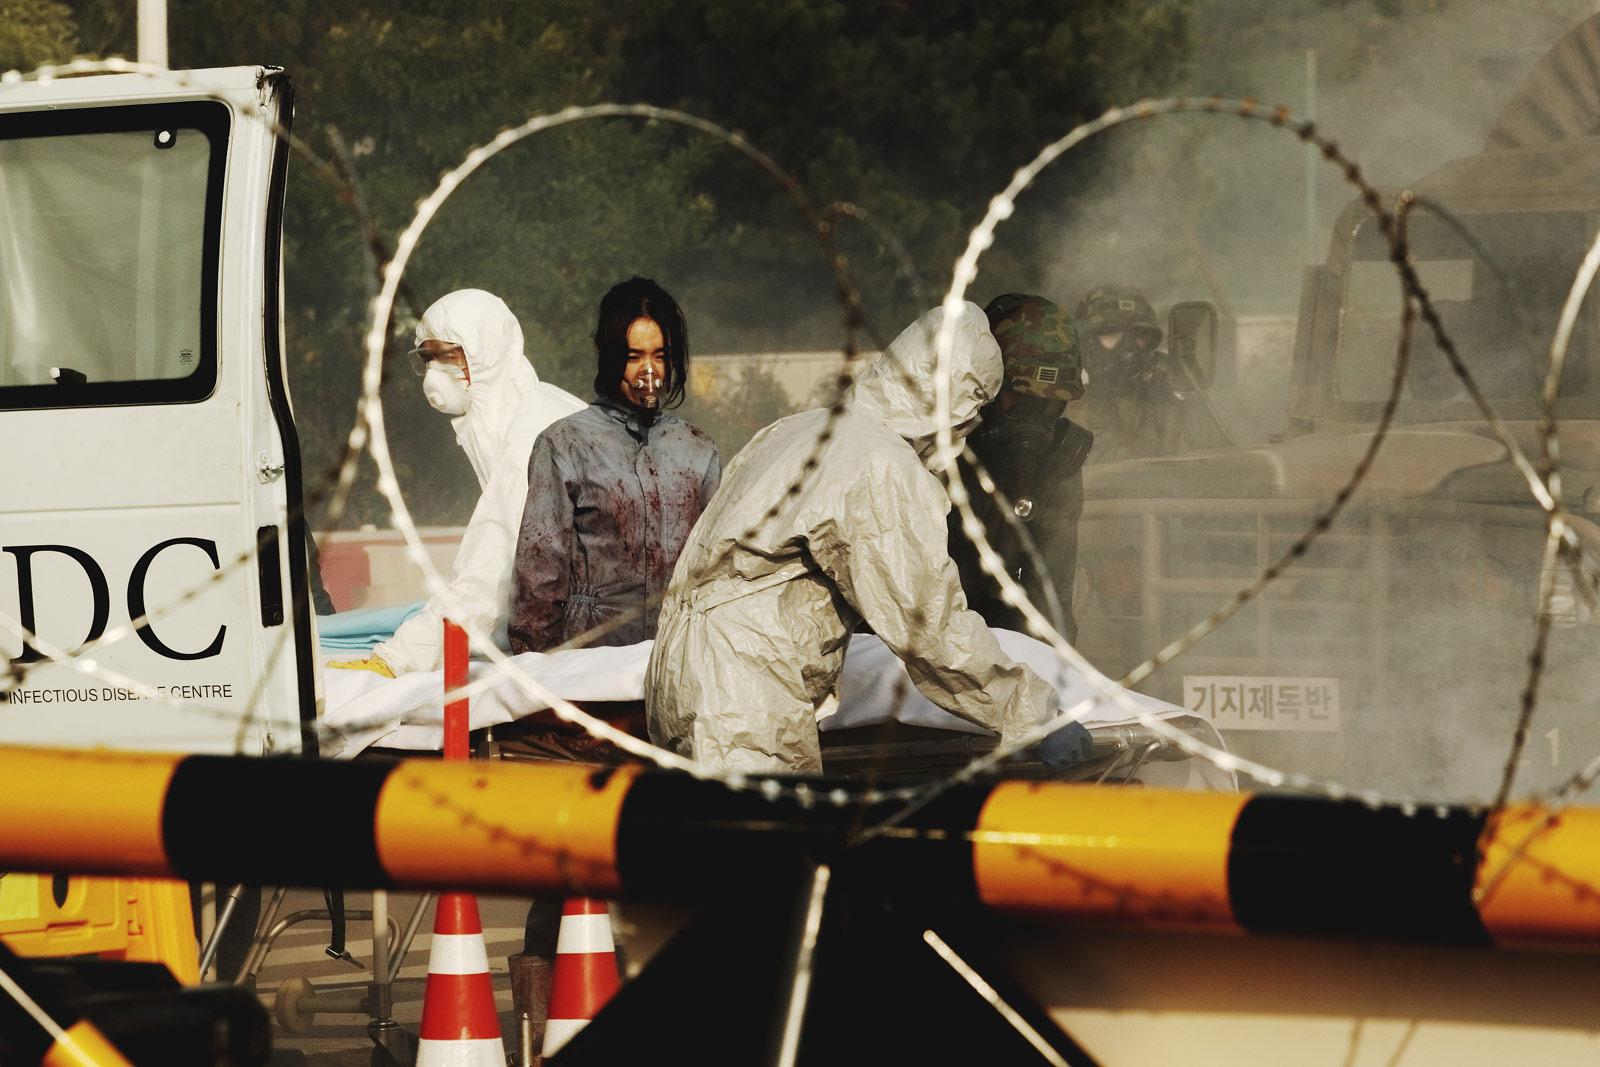 Pandémie-Direct-to-Vidéo-Critique-Image-1